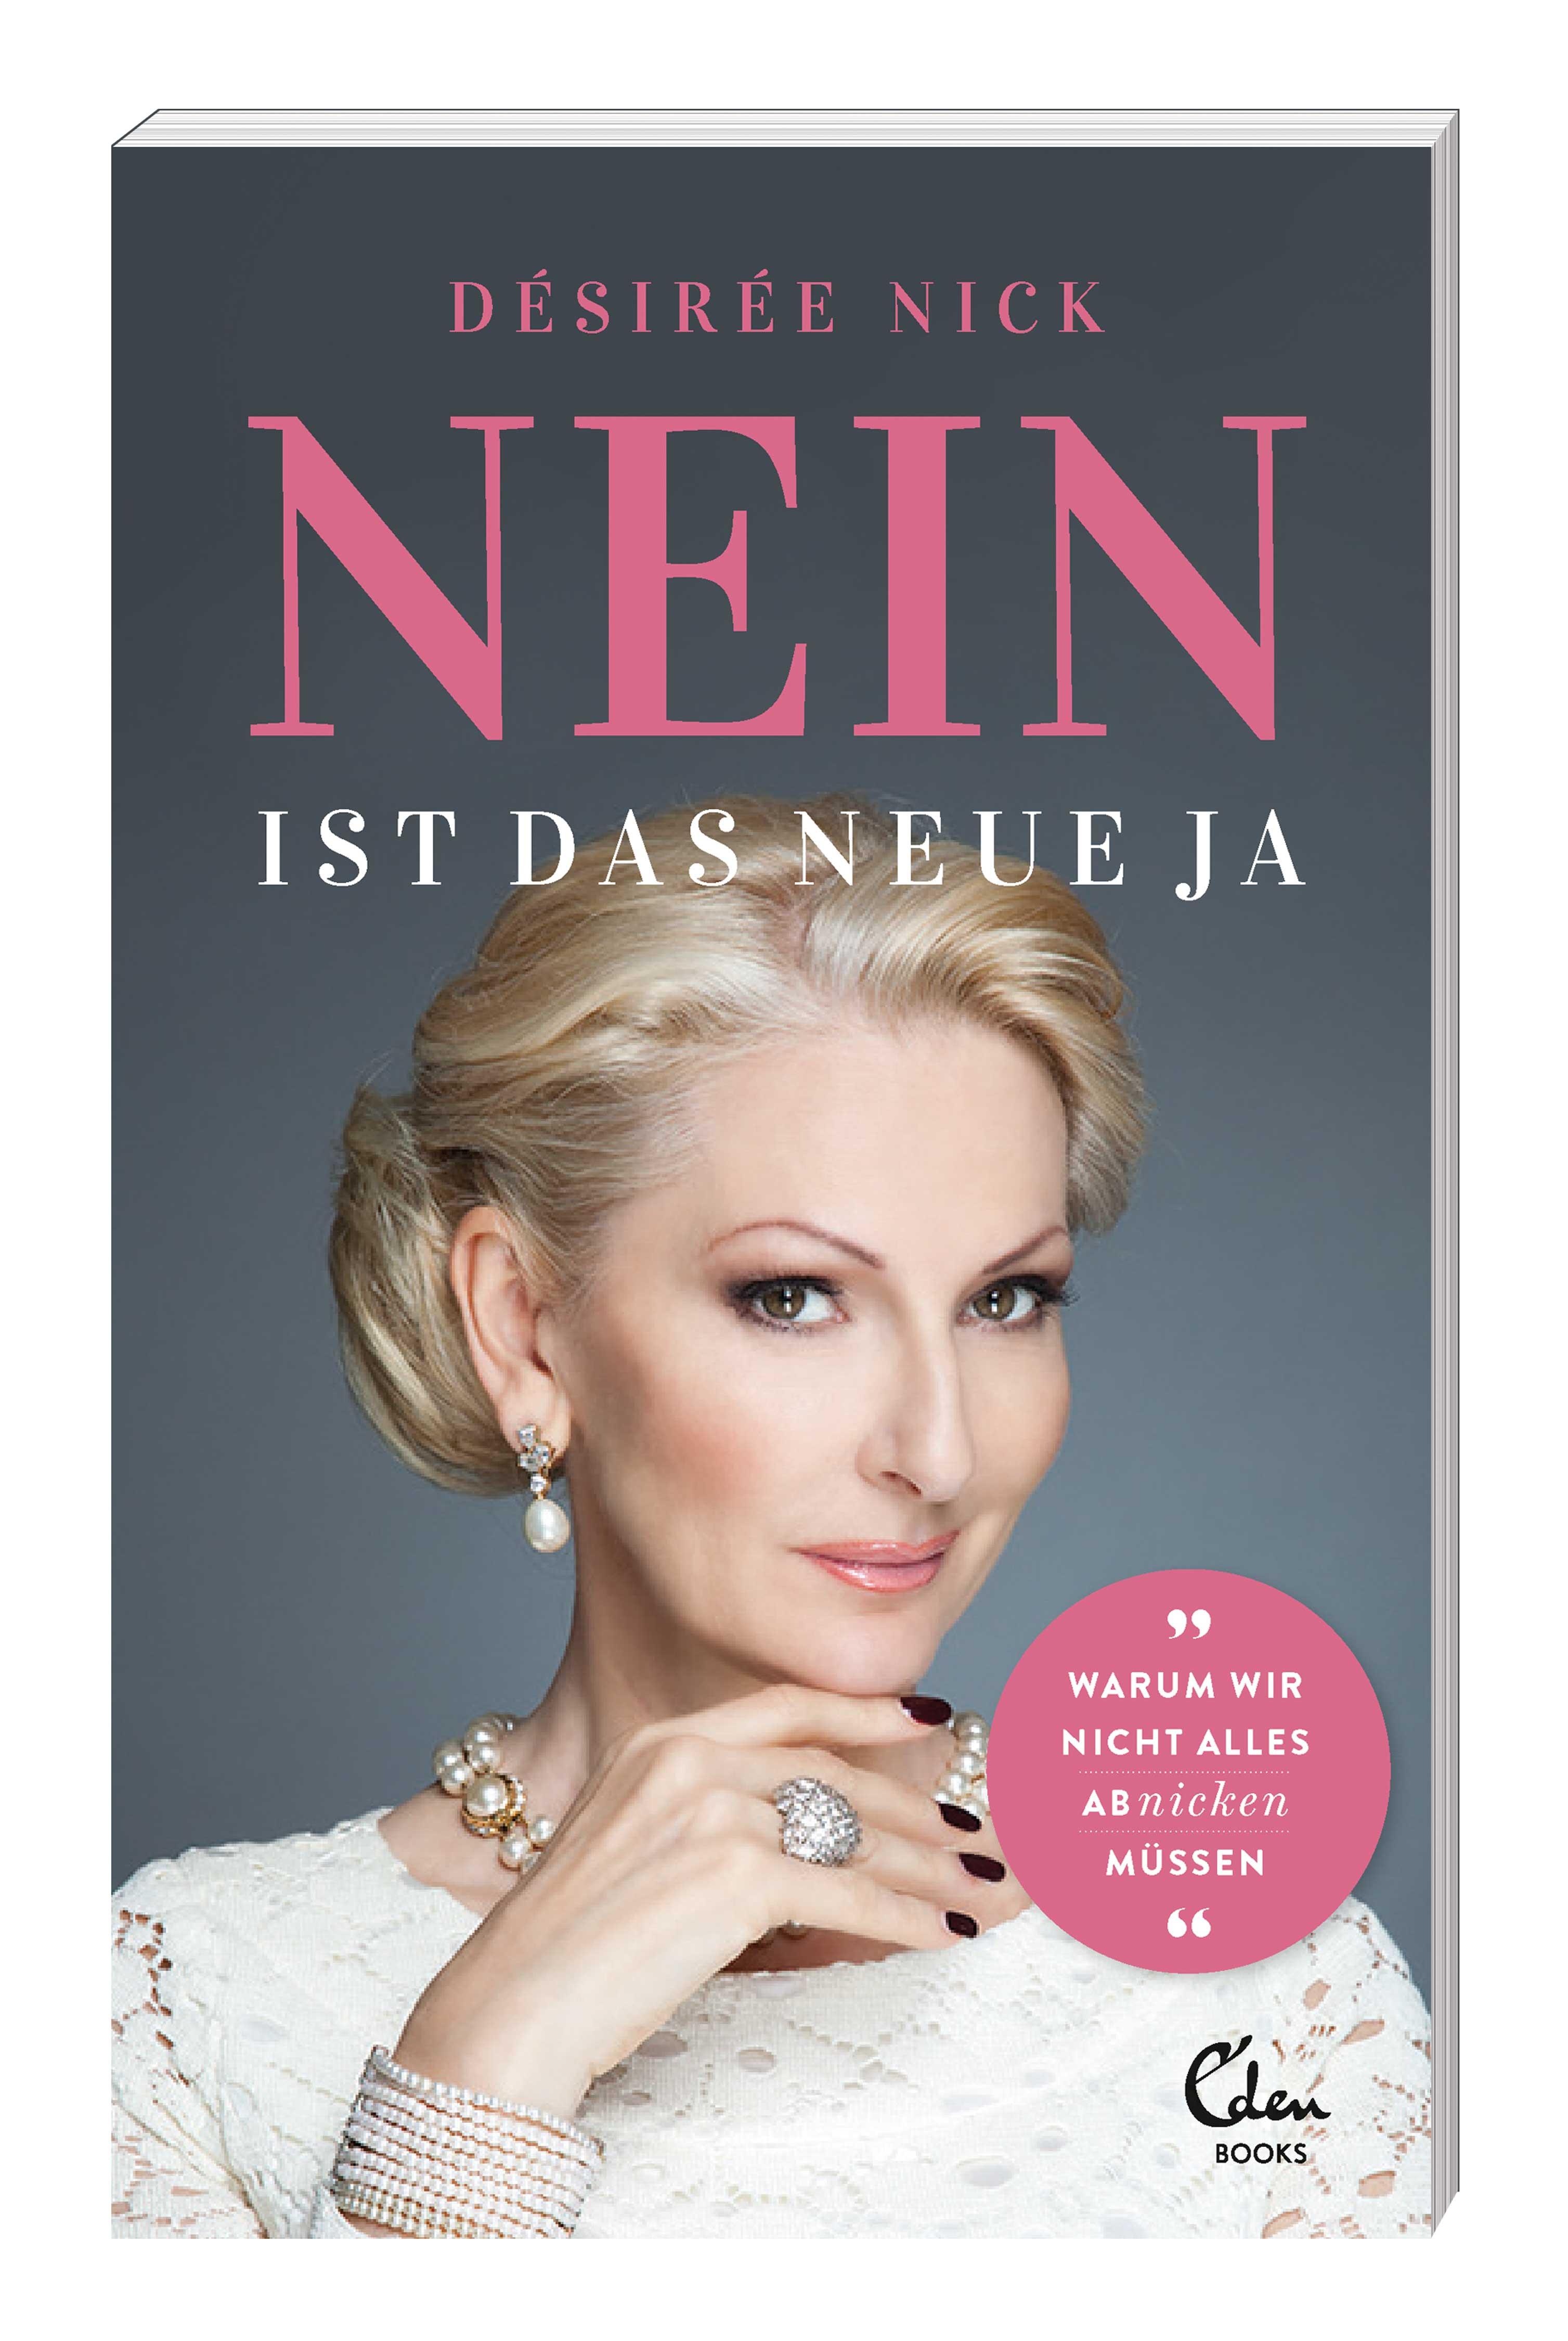 """Sendung 53: """"NEIN ist das neue Ja!"""" mit Desireé Nick vom 29.10.2018"""